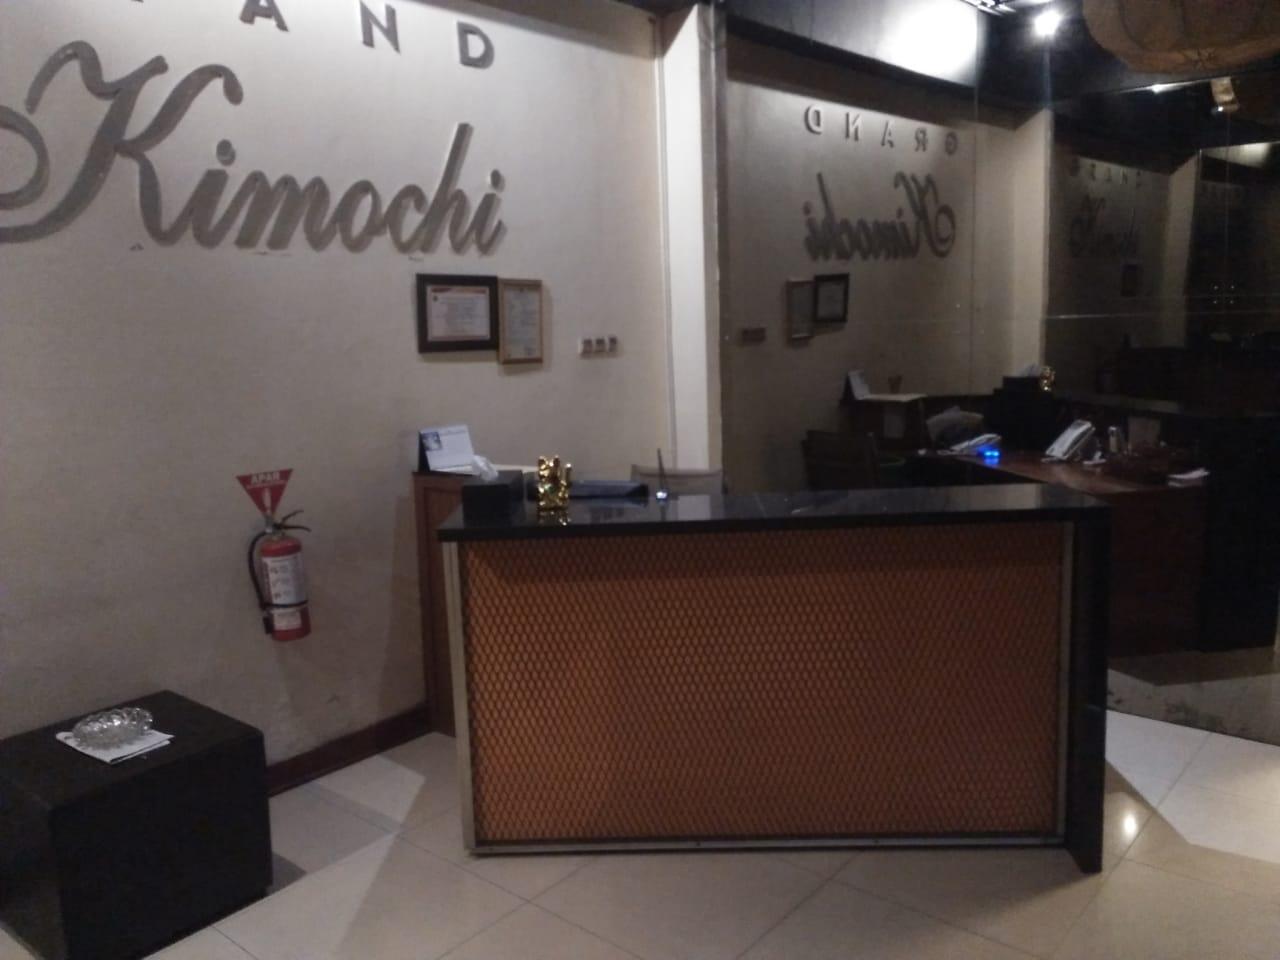 Grand Kimochi Cempaka Mas